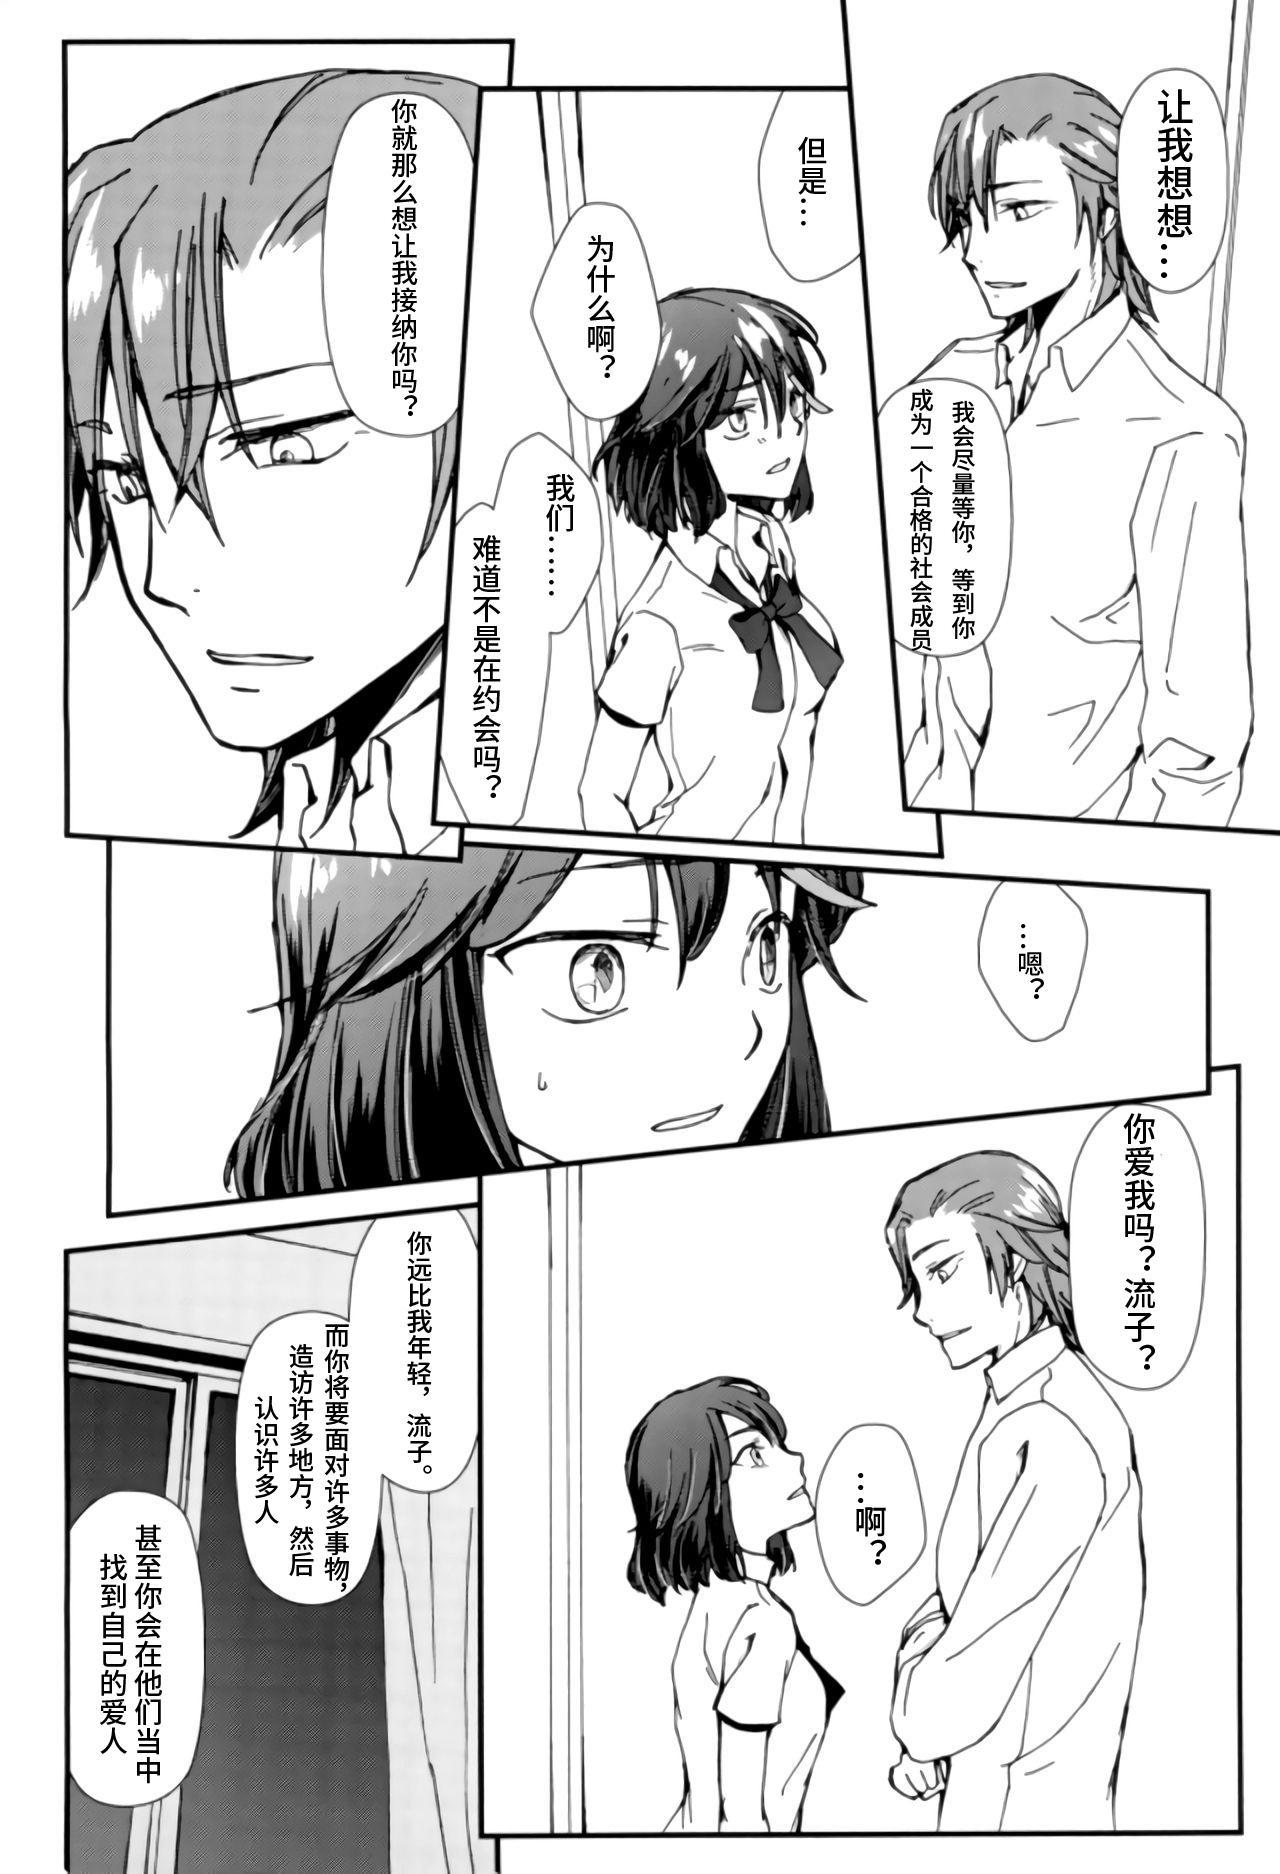 Sekai de Ichiban Kimi ga Suki 15